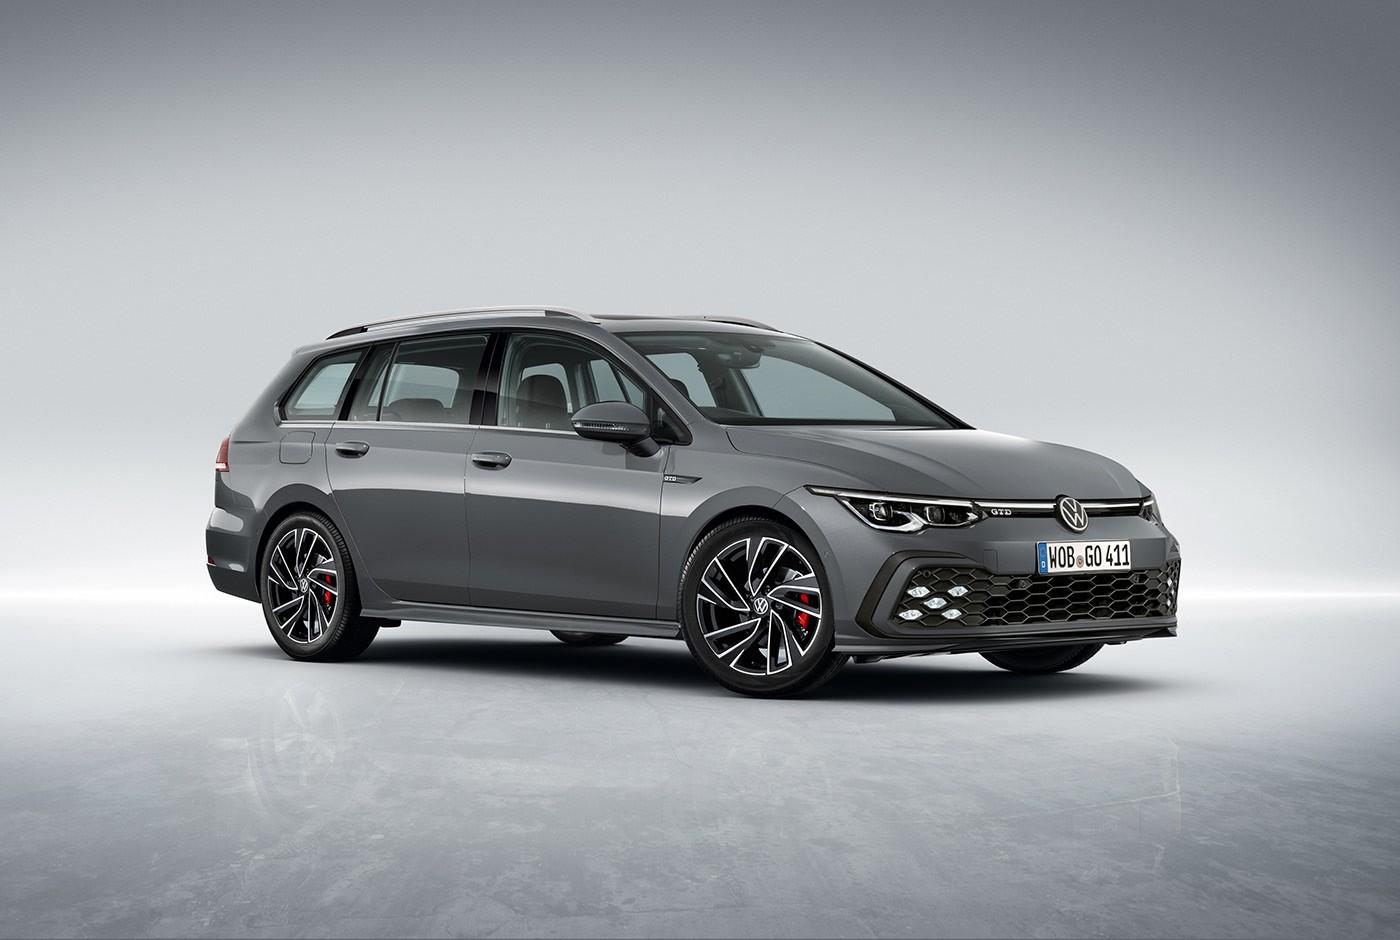 2020 Volkswagen Jetta GTD Wagon Rendering Looks Like a Car ...